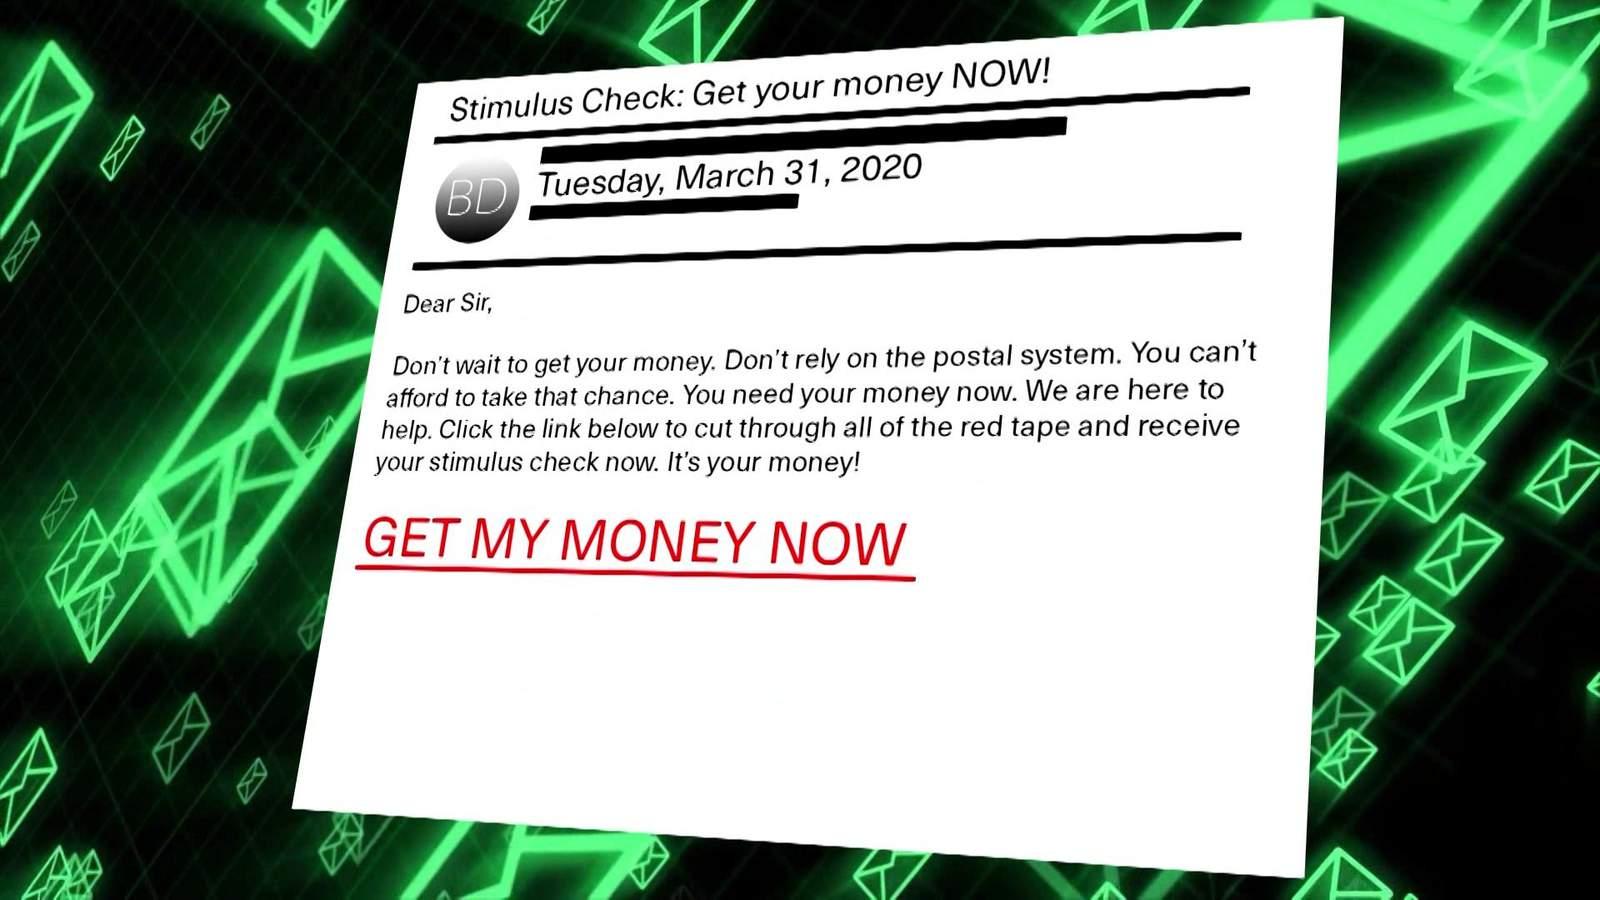 Tenga cuidado con las estafas de coronavirus en correos electrónicos, correo postal, mensajes de texto y llamadas automáticas, advierte el FBI 11